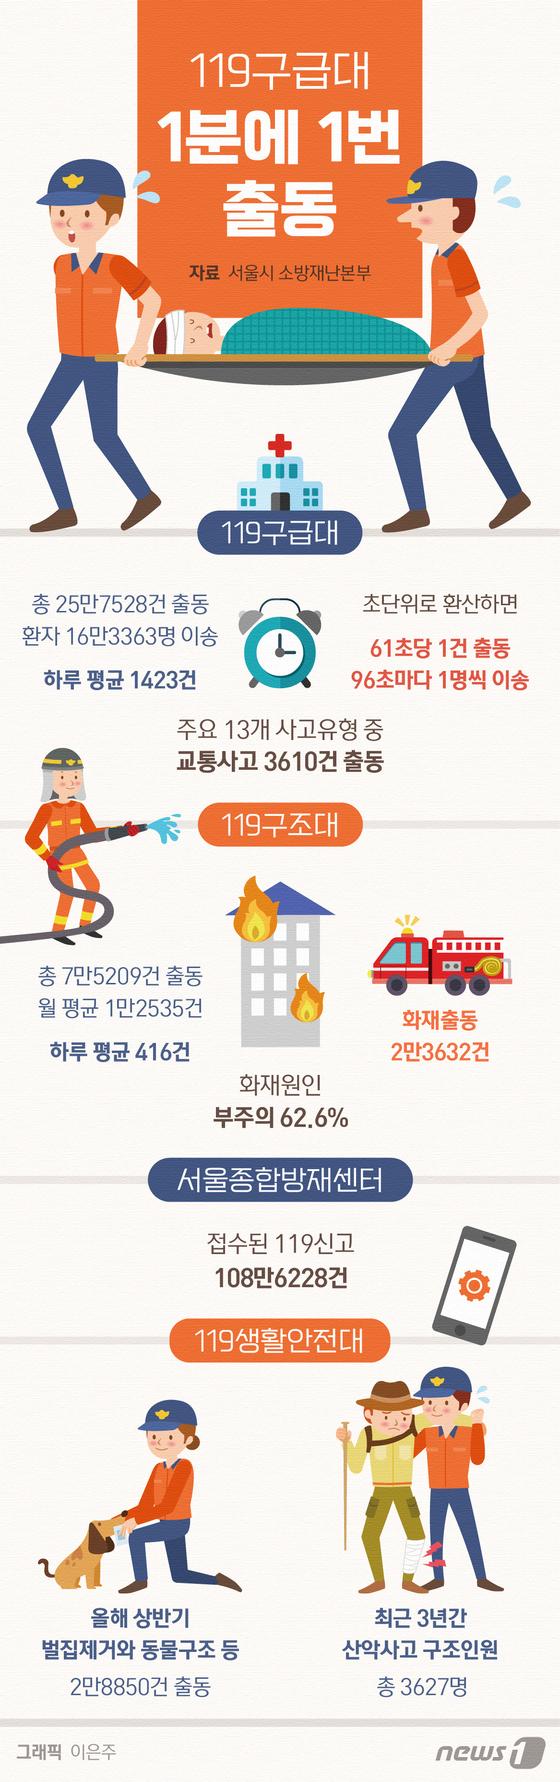 [그래픽뉴스] 119구급대 1분에 1번 출동